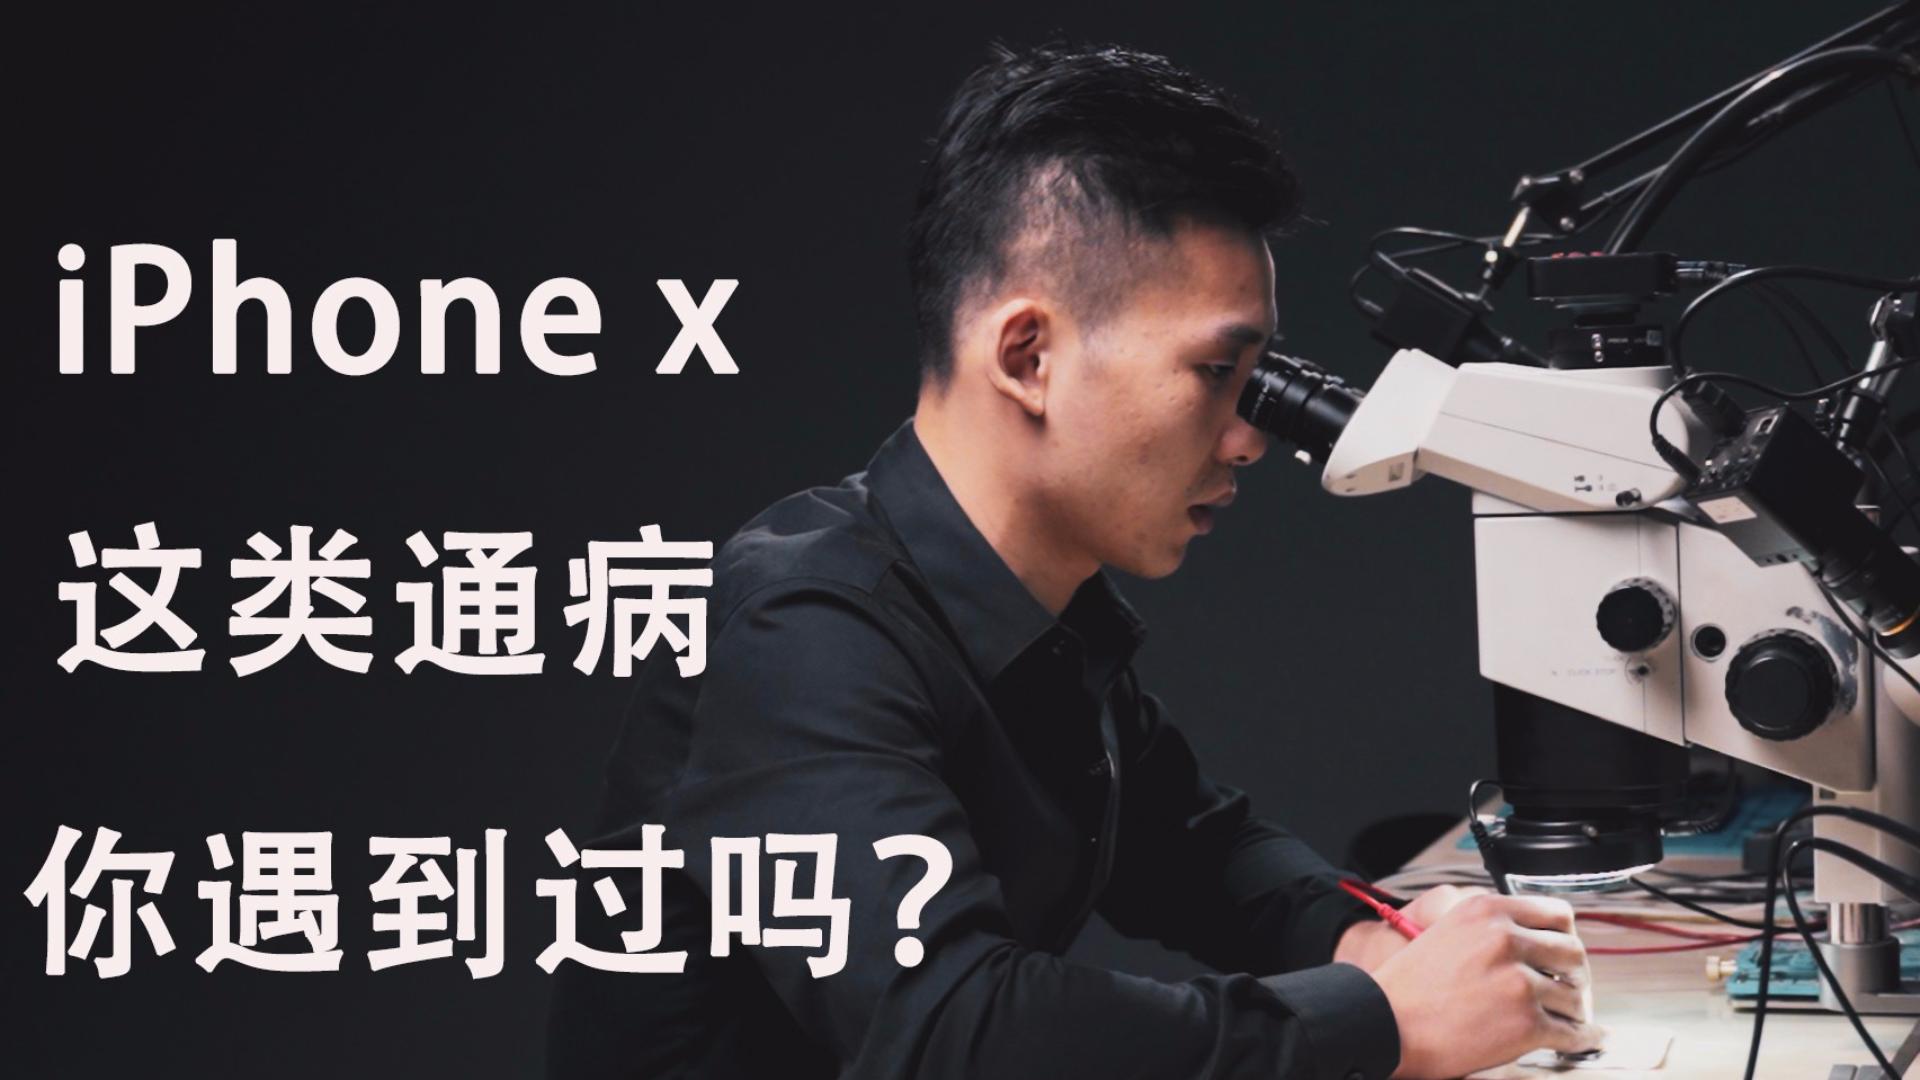 【手机维修案例】iPhone X 在实际维修中最常见的故障